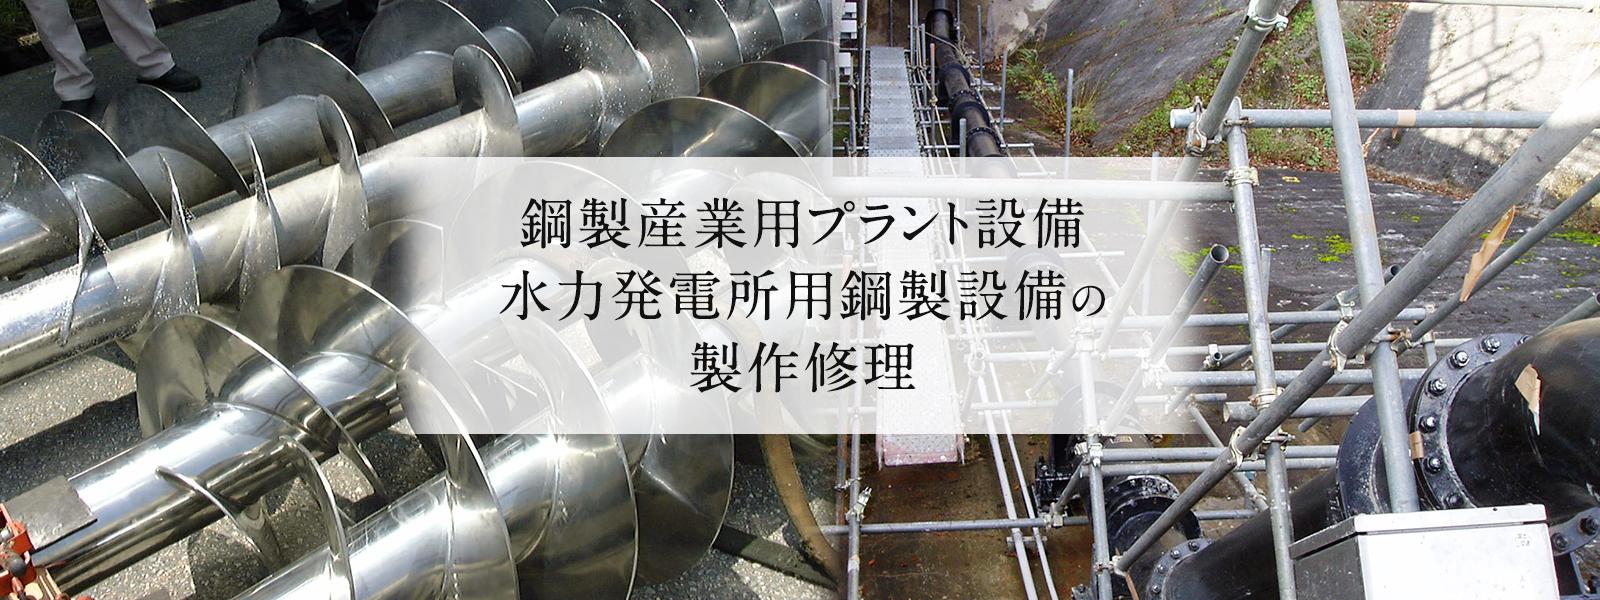 top_slide3